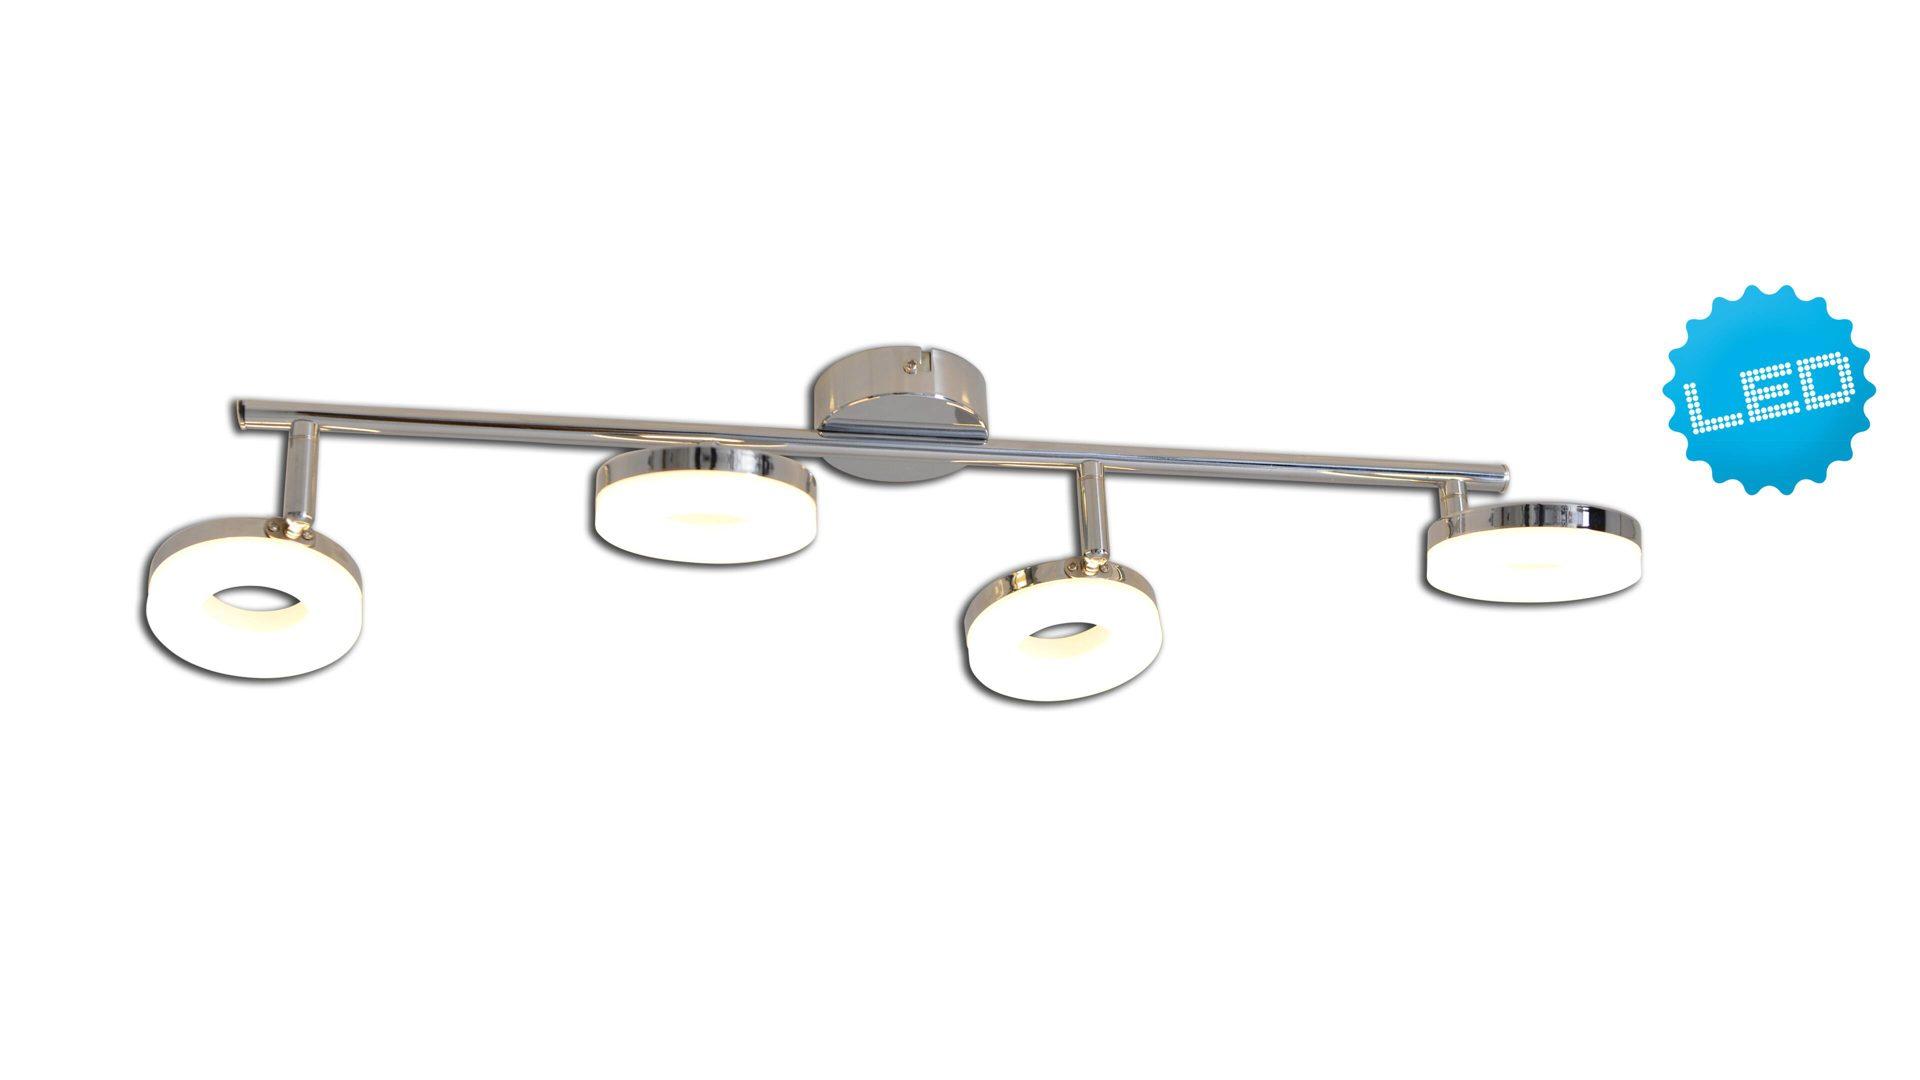 MIA LED Decken ↔485mm// Retro// Kupfer// Leuchte Deckenlampe Deckenleuchte Deckenst